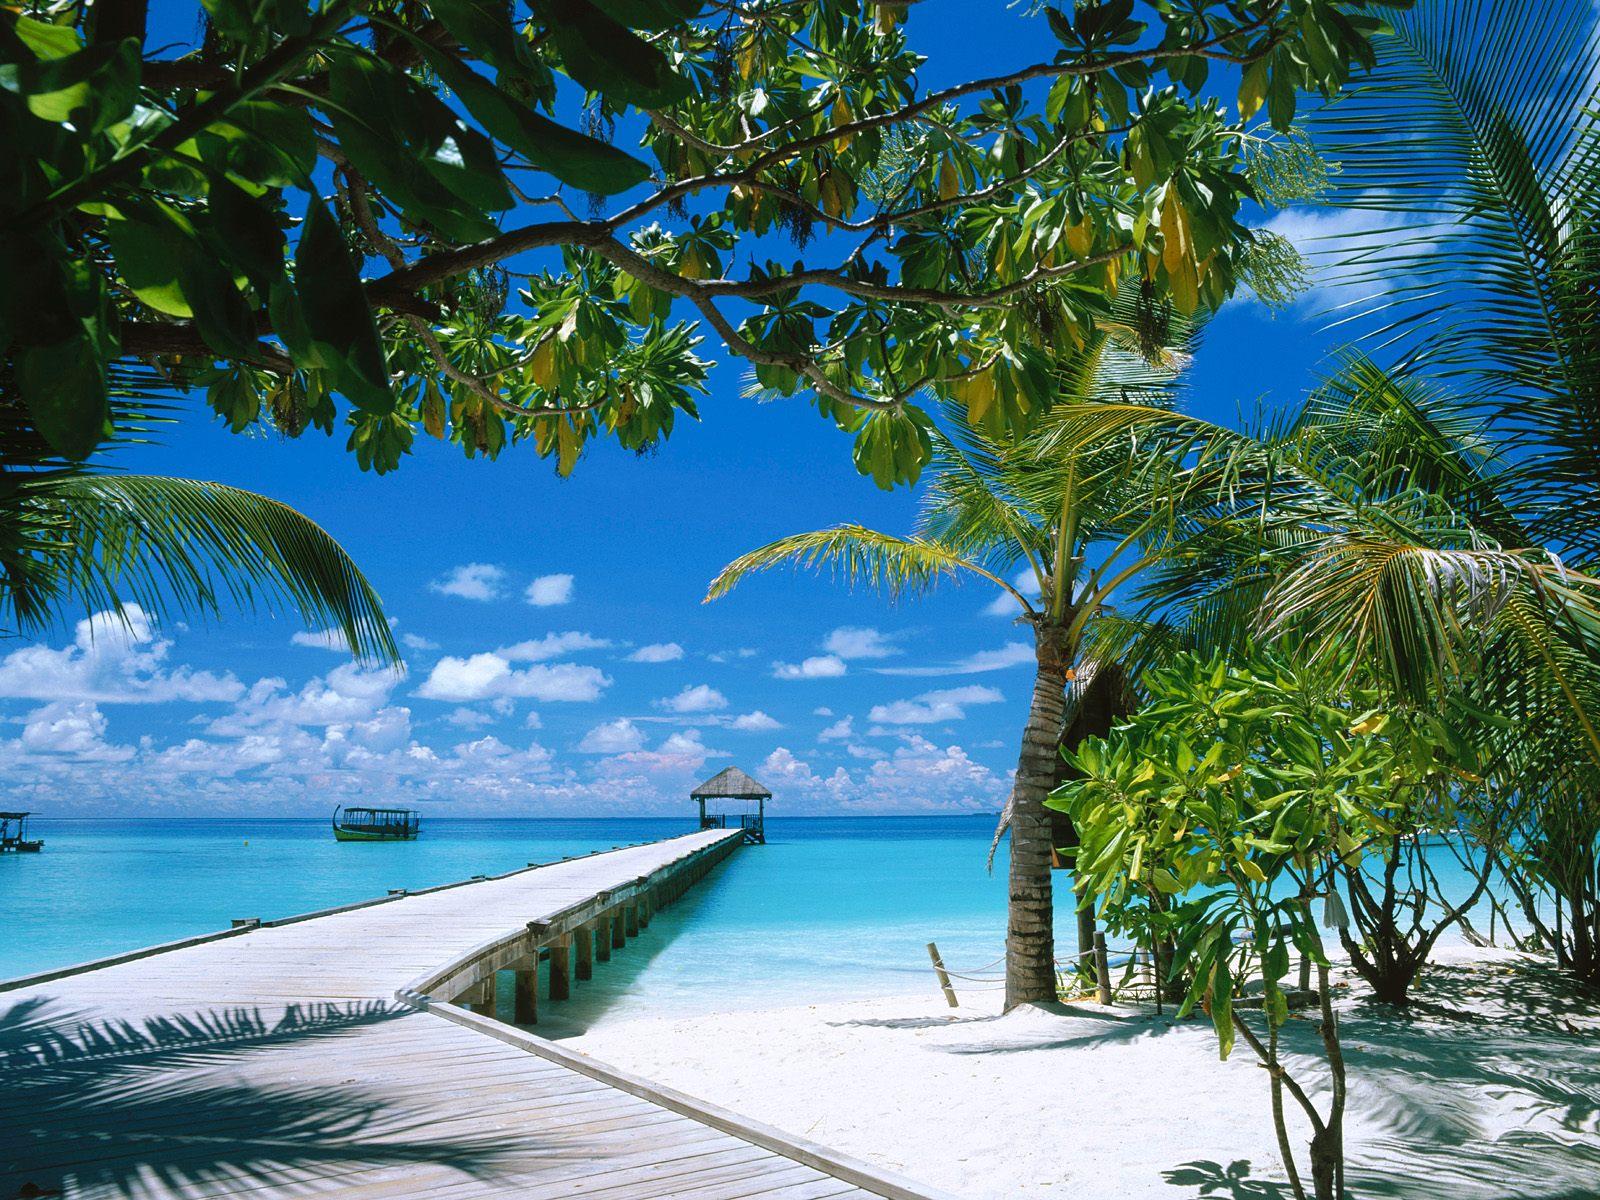 http://3.bp.blogspot.com/-Hw3XJkNN1Dc/T8X1iZXKkmI/AAAAAAAAAcw/_OoY3ahVexM/s1600/Beach+Wallpaper+Hd+Picture.jpg